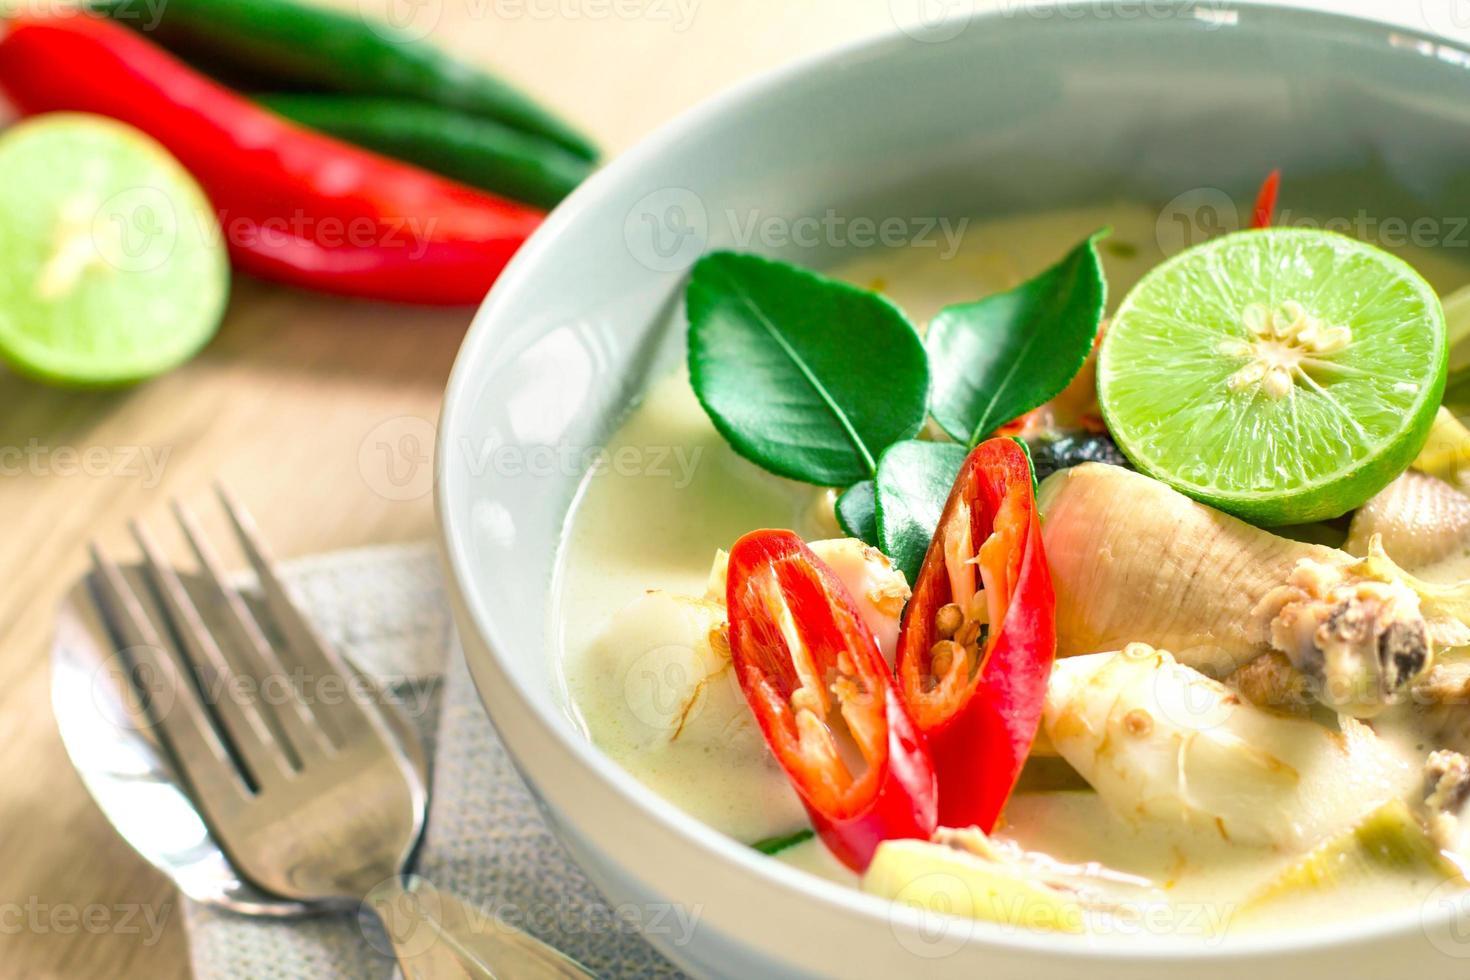 sopa cremosa de coco picante com frango, comida tailandesa foto